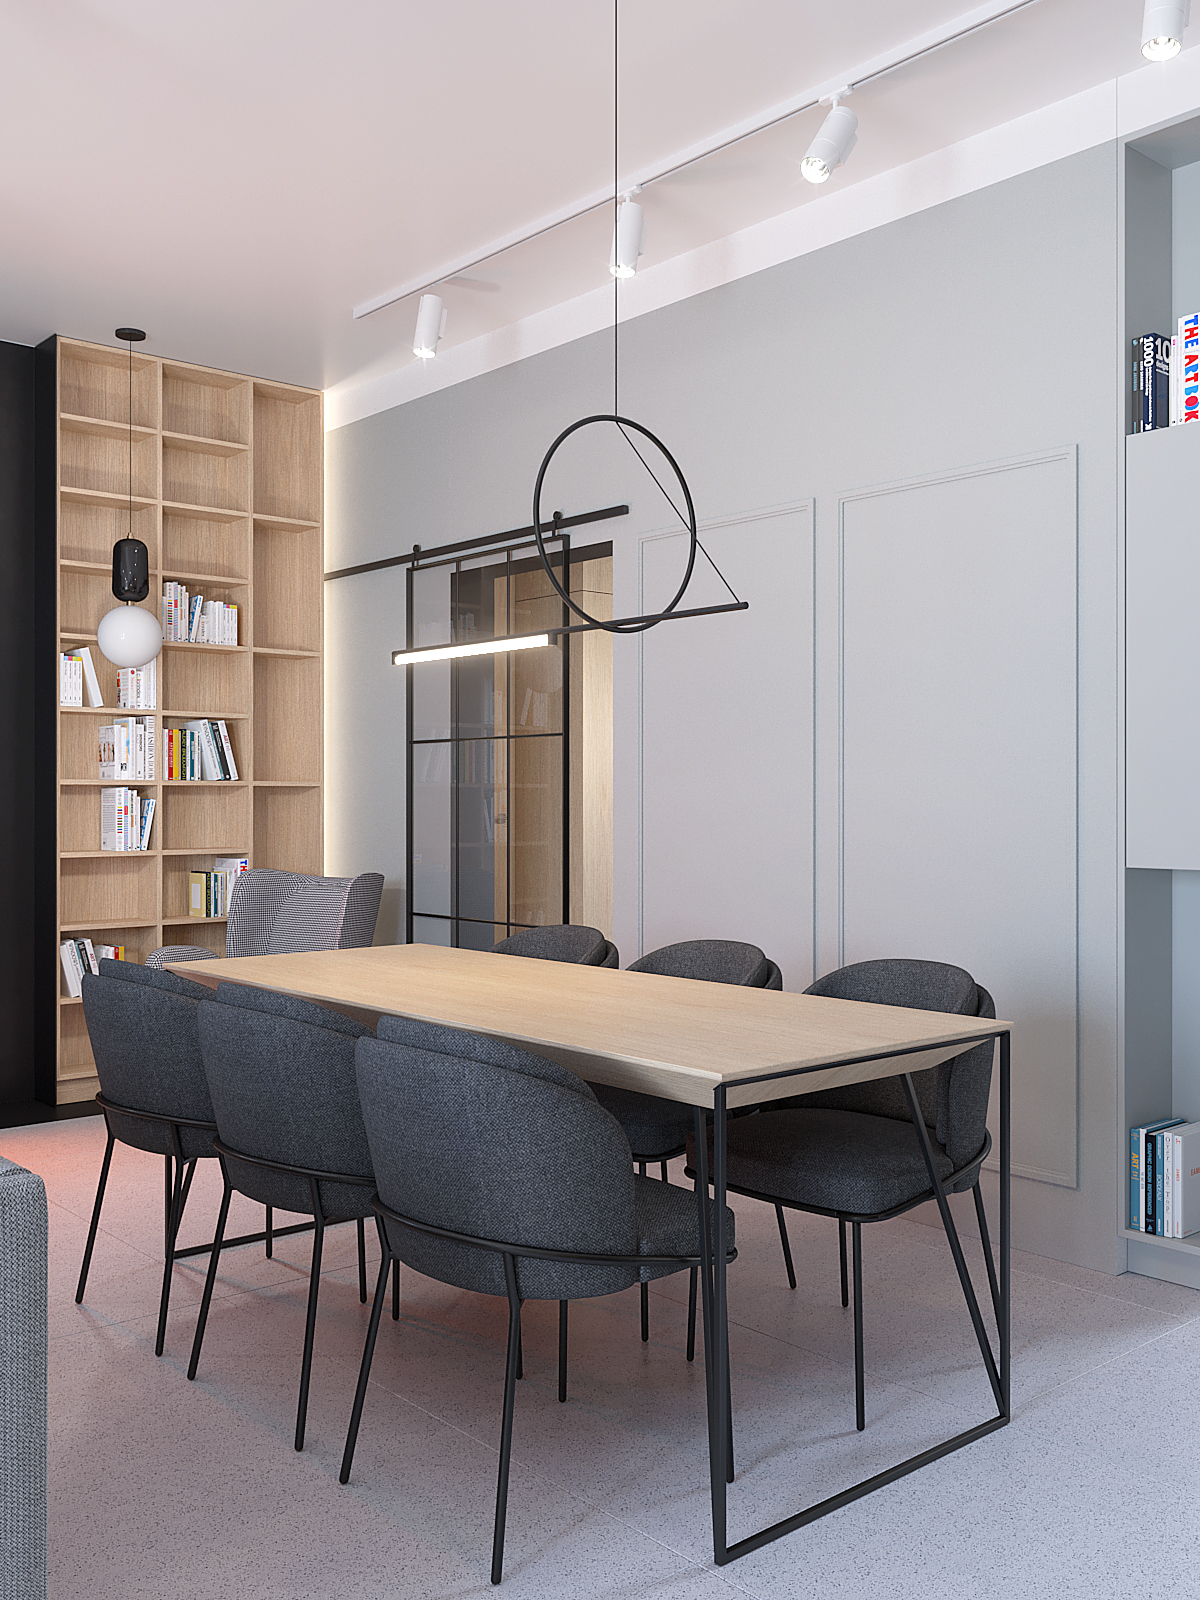 3 aranzacja wnetrz D395 dom Tychy jadalnia krzesla tapicerowane przesuwne drzwi loftowe dekoracyjna lampa nad stolem regal na ksiazki